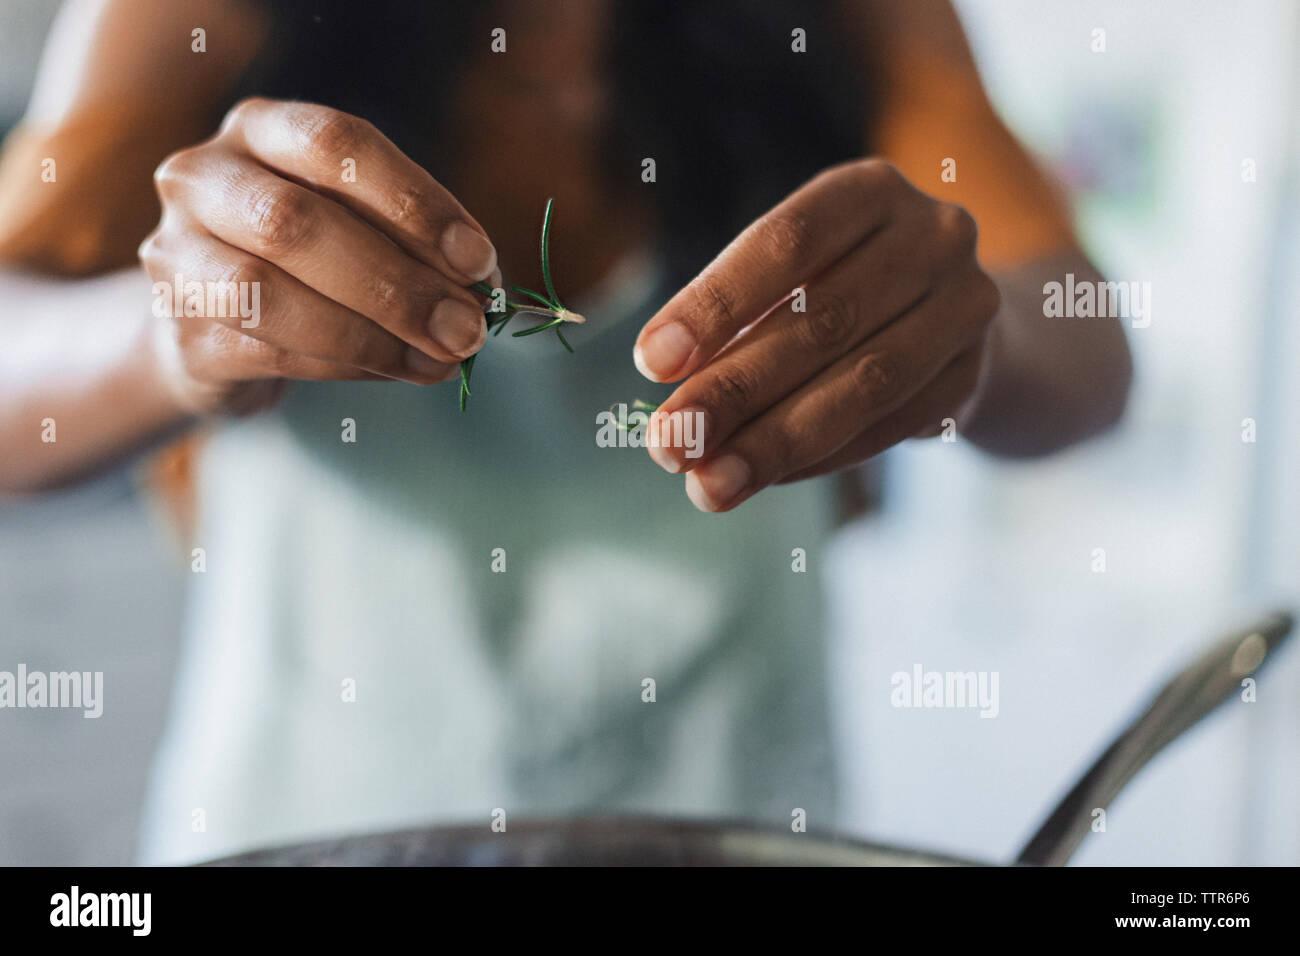 Mittelteil der Frau setzen rosemaries in Küchengeräten während der Zubereitung von Speisen in der Küche Stockbild